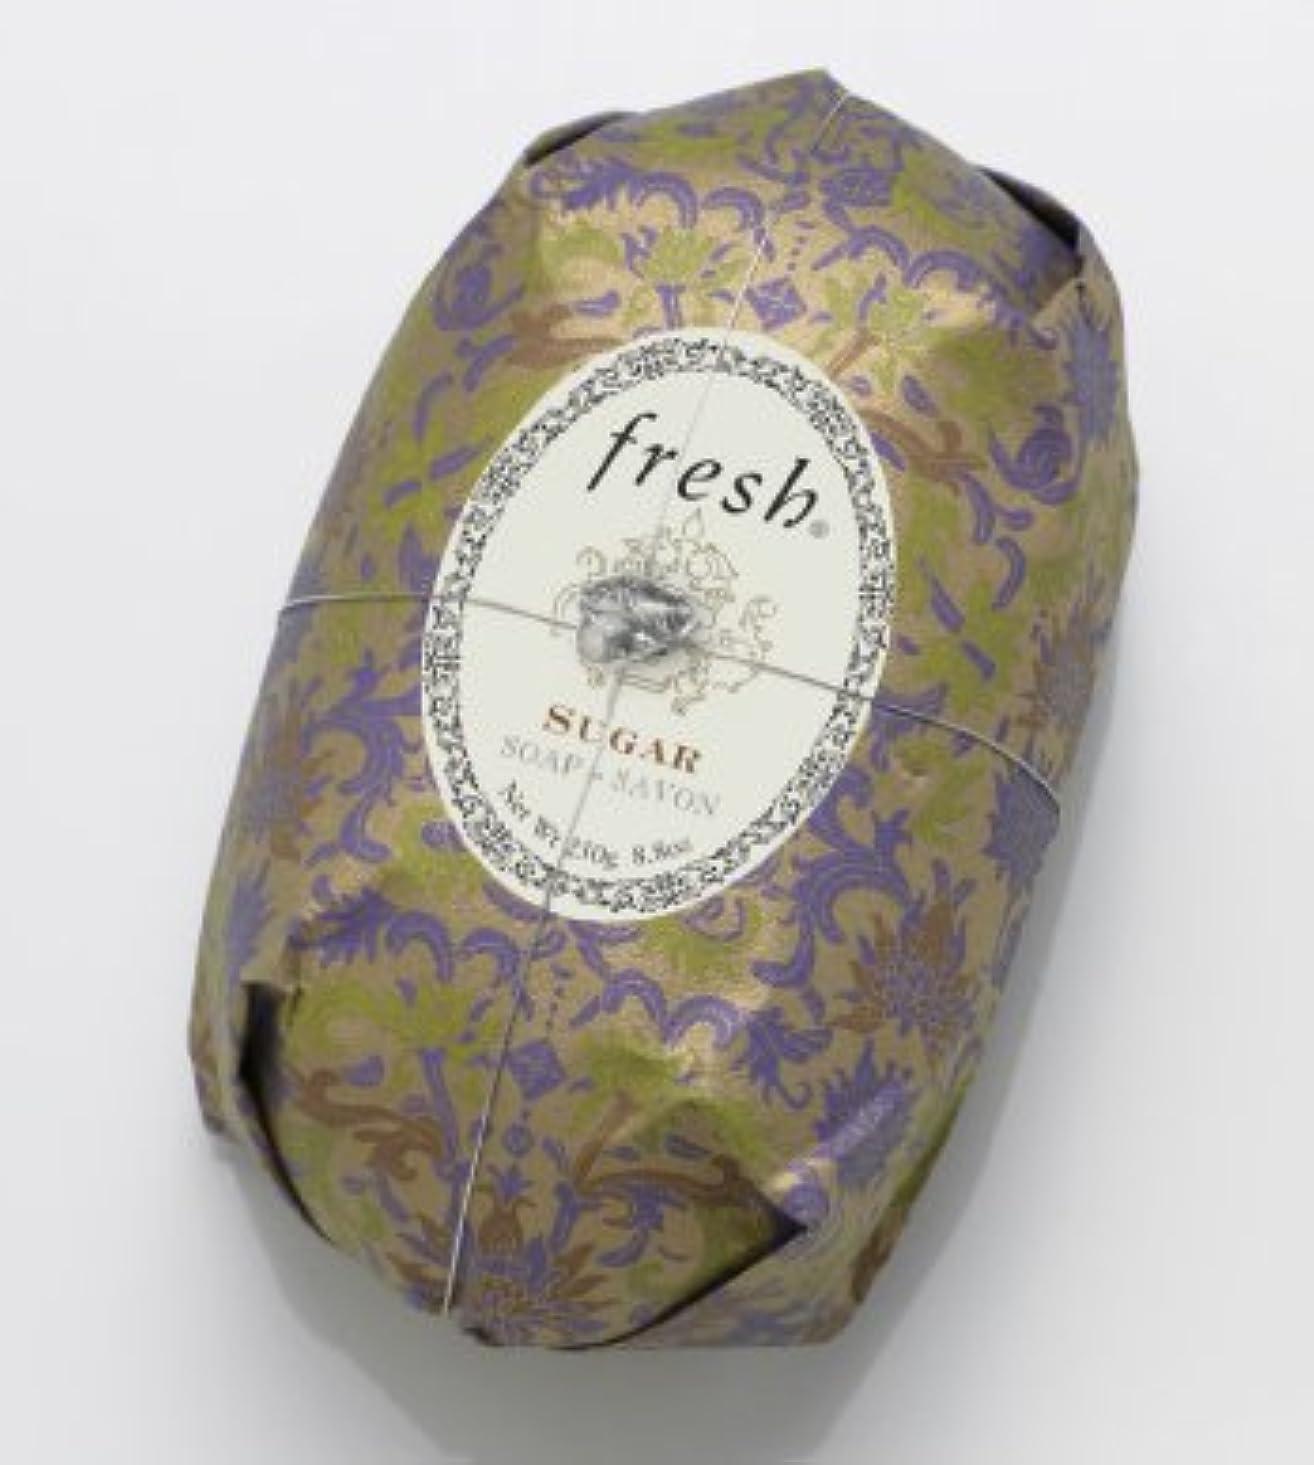 つまずくわなイルFresh SUGAR SOAP (フレッシュ シュガー ソープ) 8.8 oz (250g) Soap (石鹸) by Fresh